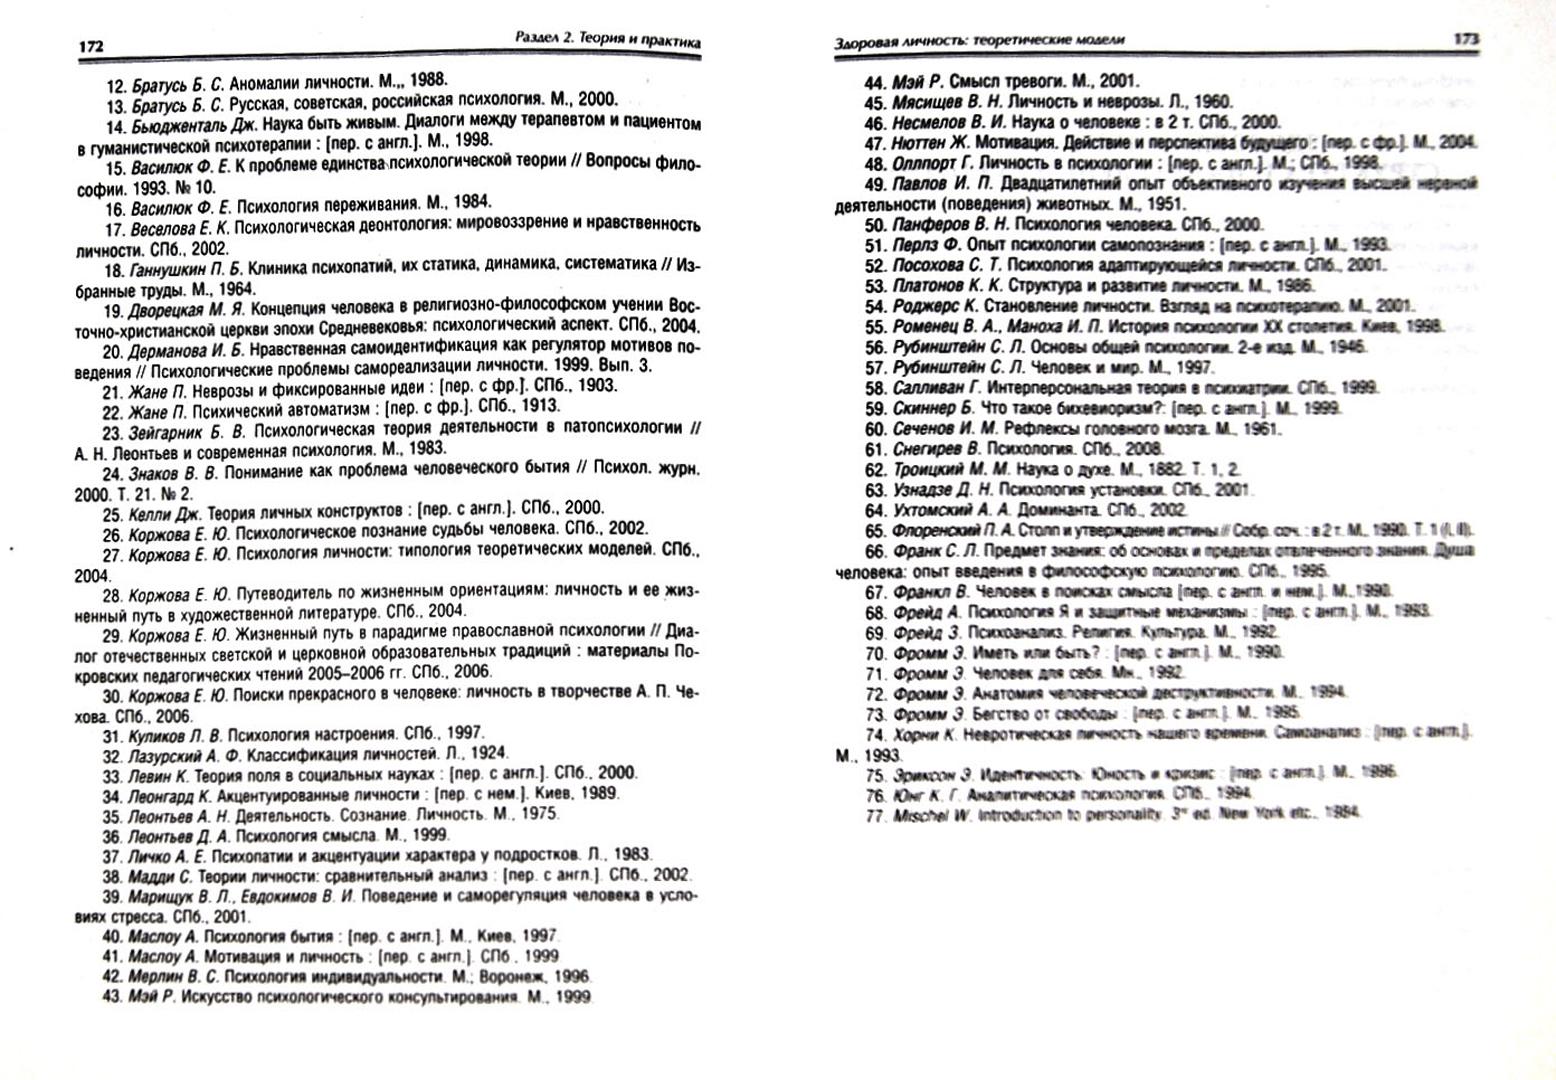 Иллюстрация 1 из 10 для Здоровая личность - Голованова, Никифоров, Татарникова | Лабиринт - книги. Источник: Лабиринт